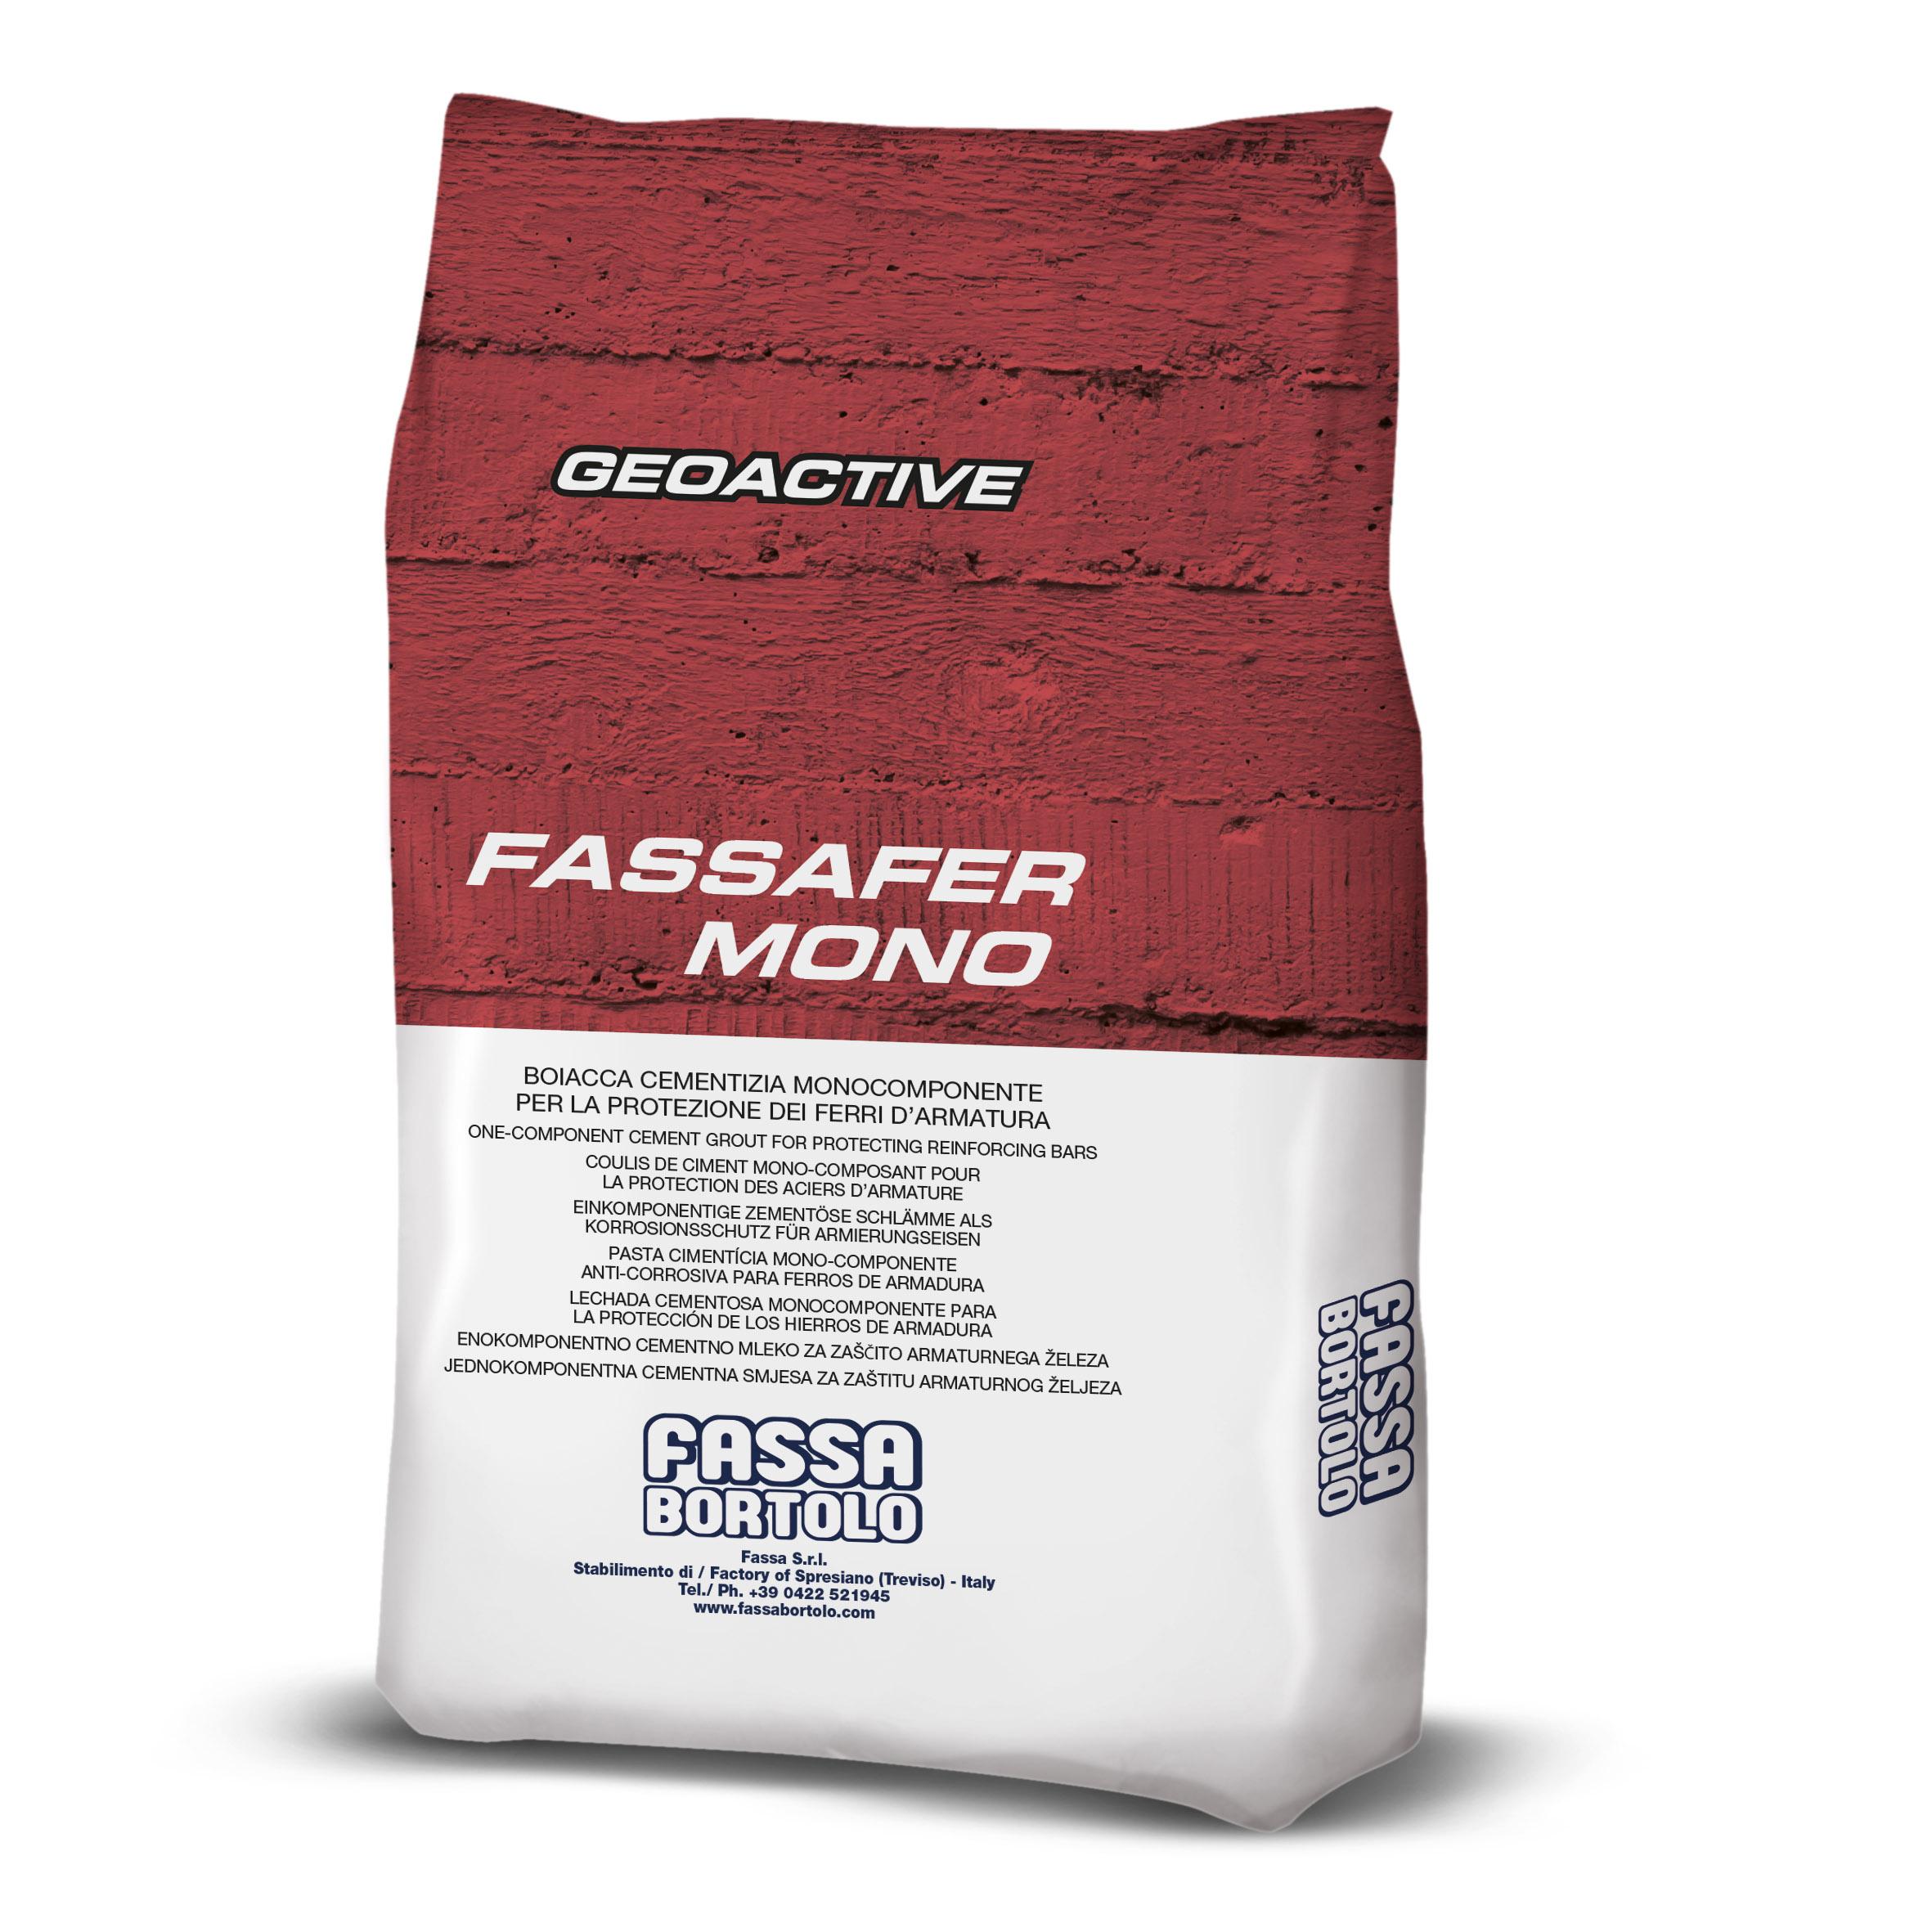 FASSAFER MONO: Tratamento cimentício mono-componente para a proteção ativa dos varões de armação